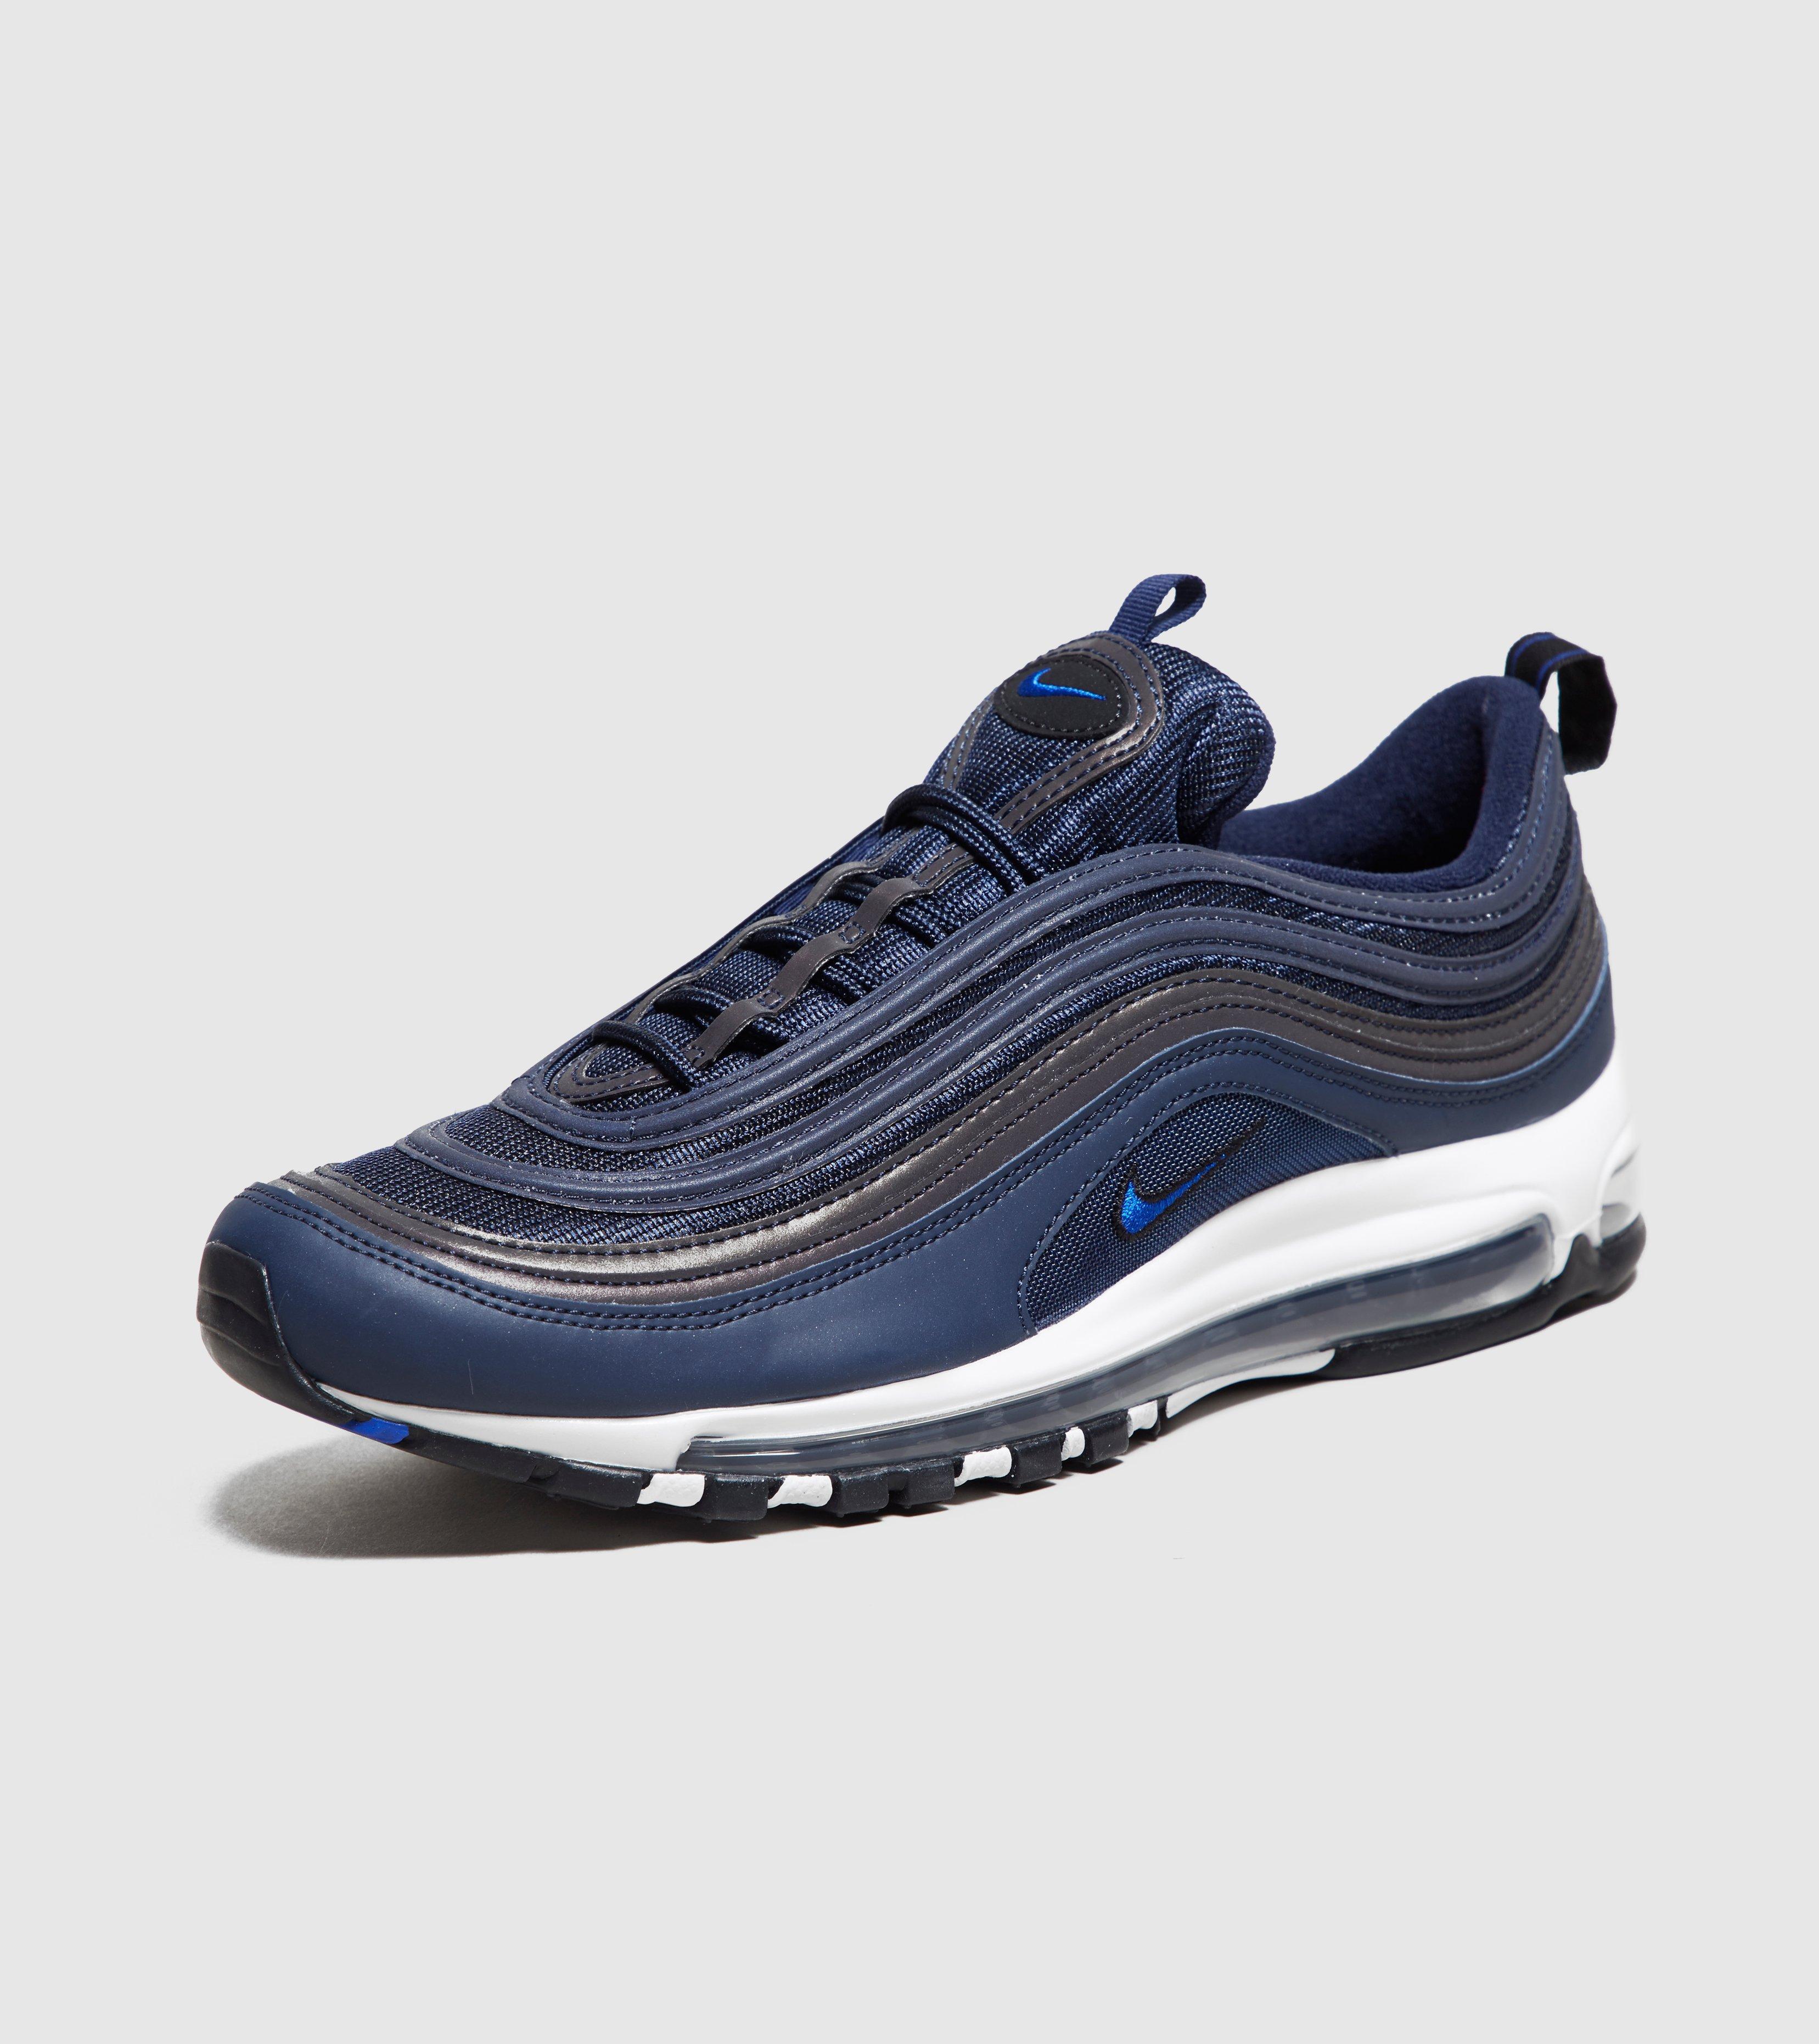 air max 97 bianche e blu cheap online